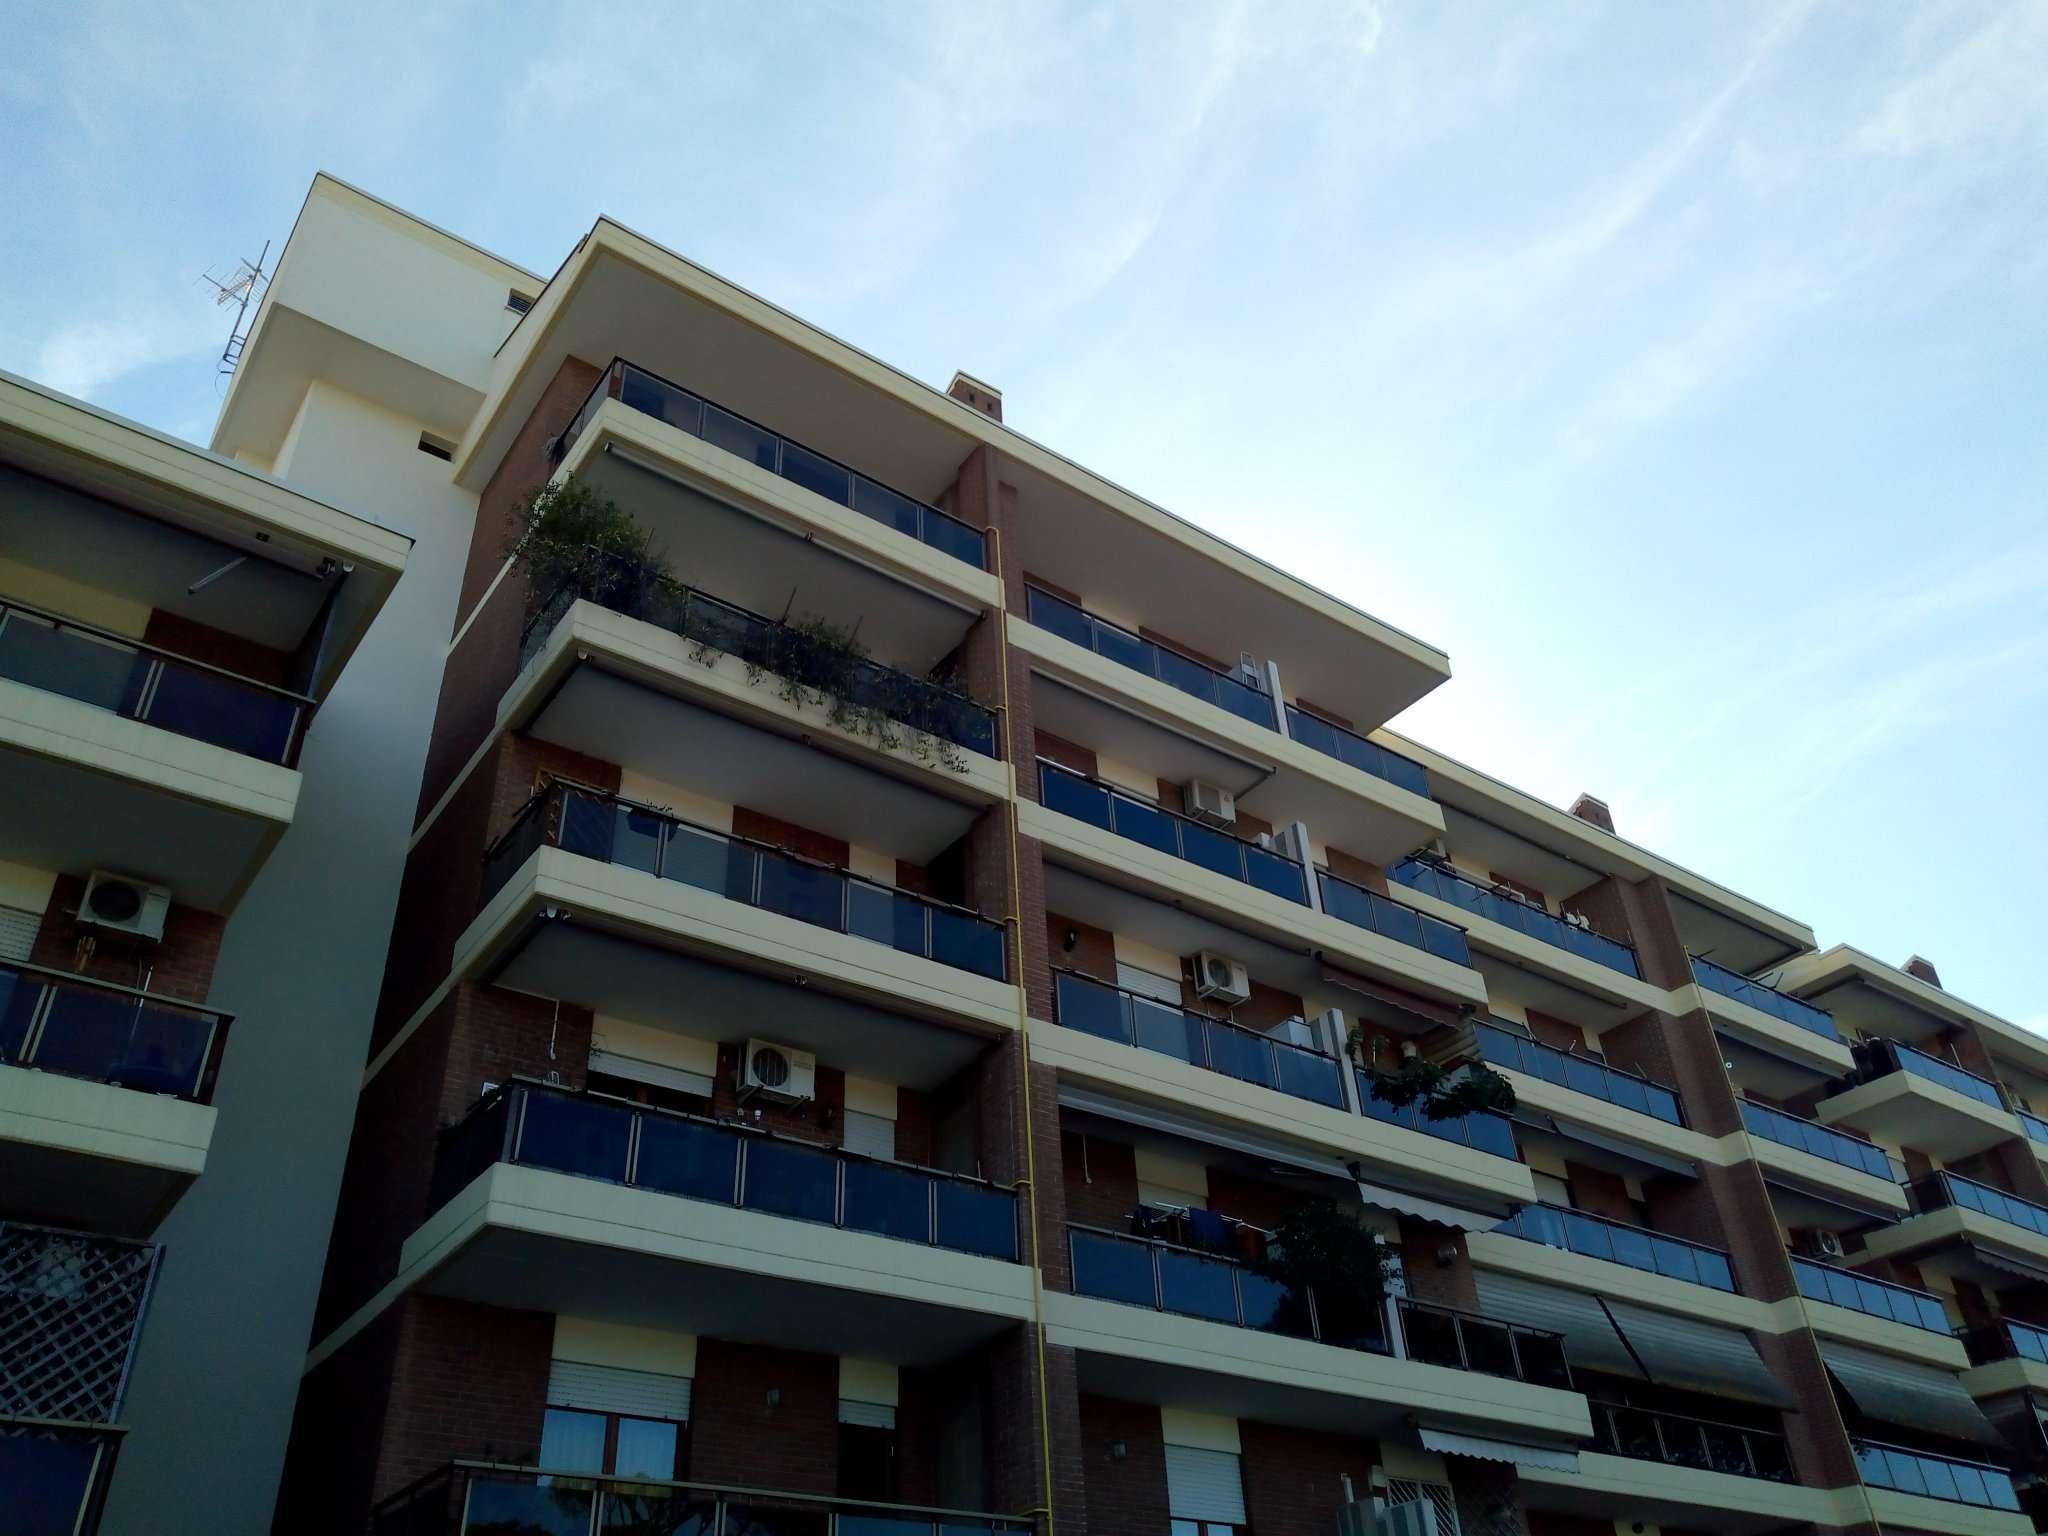 Appartamento in vendita a Roma, 4 locali, zona Zona: 27 . Aurelio - Boccea, prezzo € 395.000 | CambioCasa.it